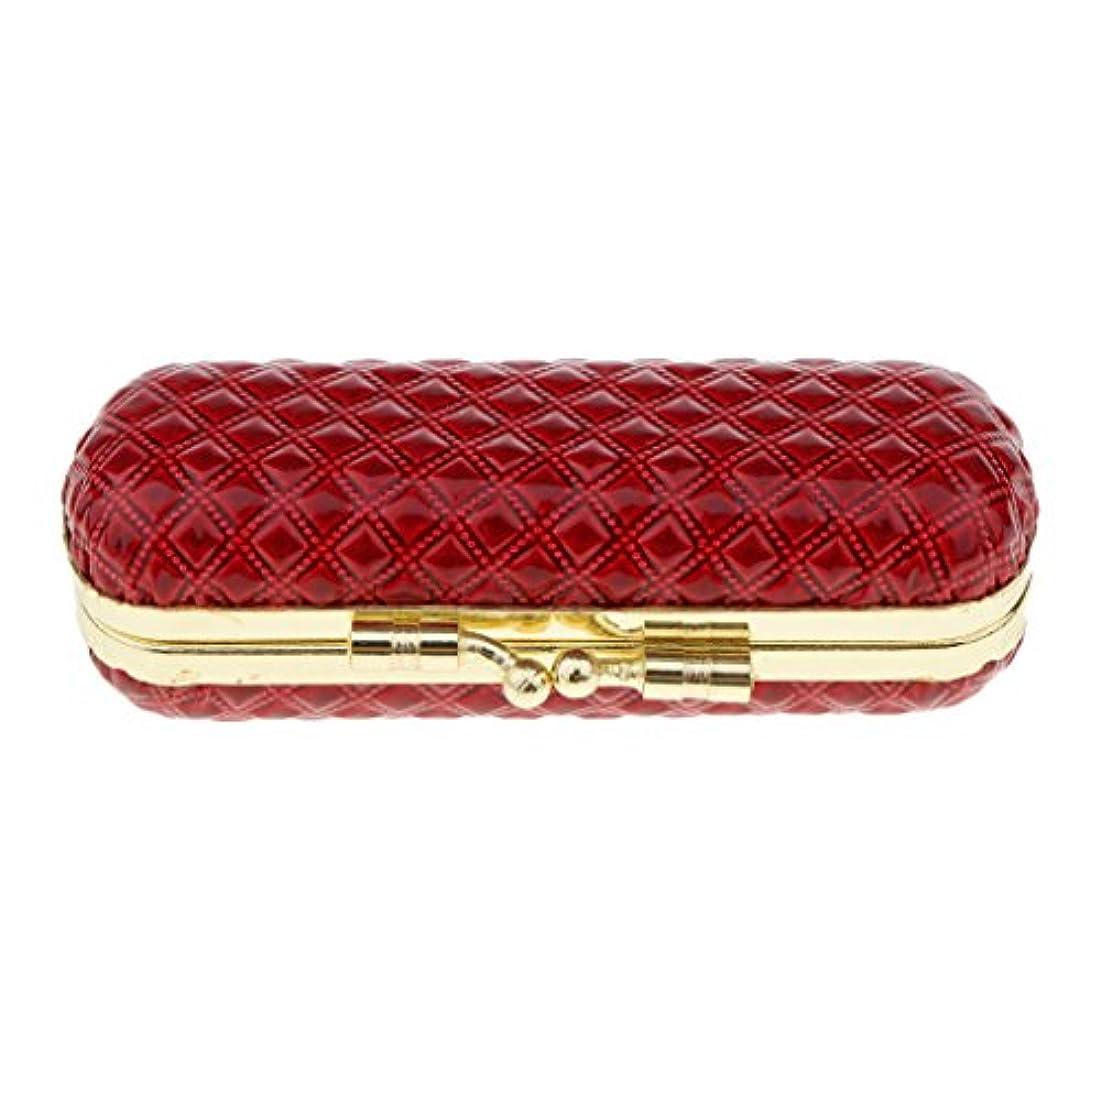 結論ビーズドリンクBaosity 化粧ポーチ 口紅ホルダー リップスティック リップグロス 収納ケース ミラー付き 可愛い 小物収納 携帯用 6タイプ - 赤